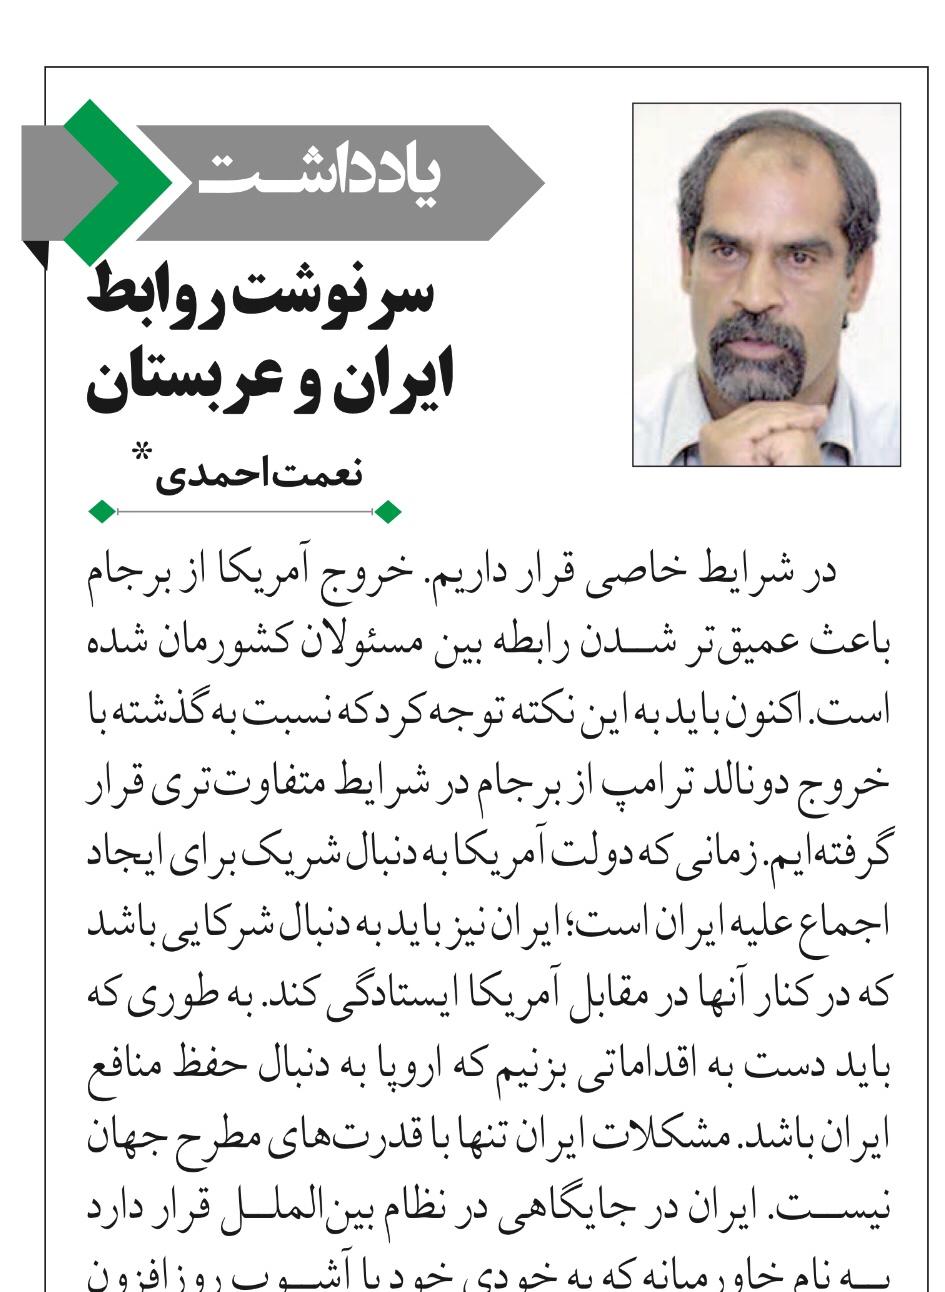 الأوضاع الإقليمية بين صفحات الجرائد الإيرانية: العلاقات مع السعودية بين زمن رفسنجاني وعهد روحاني 1